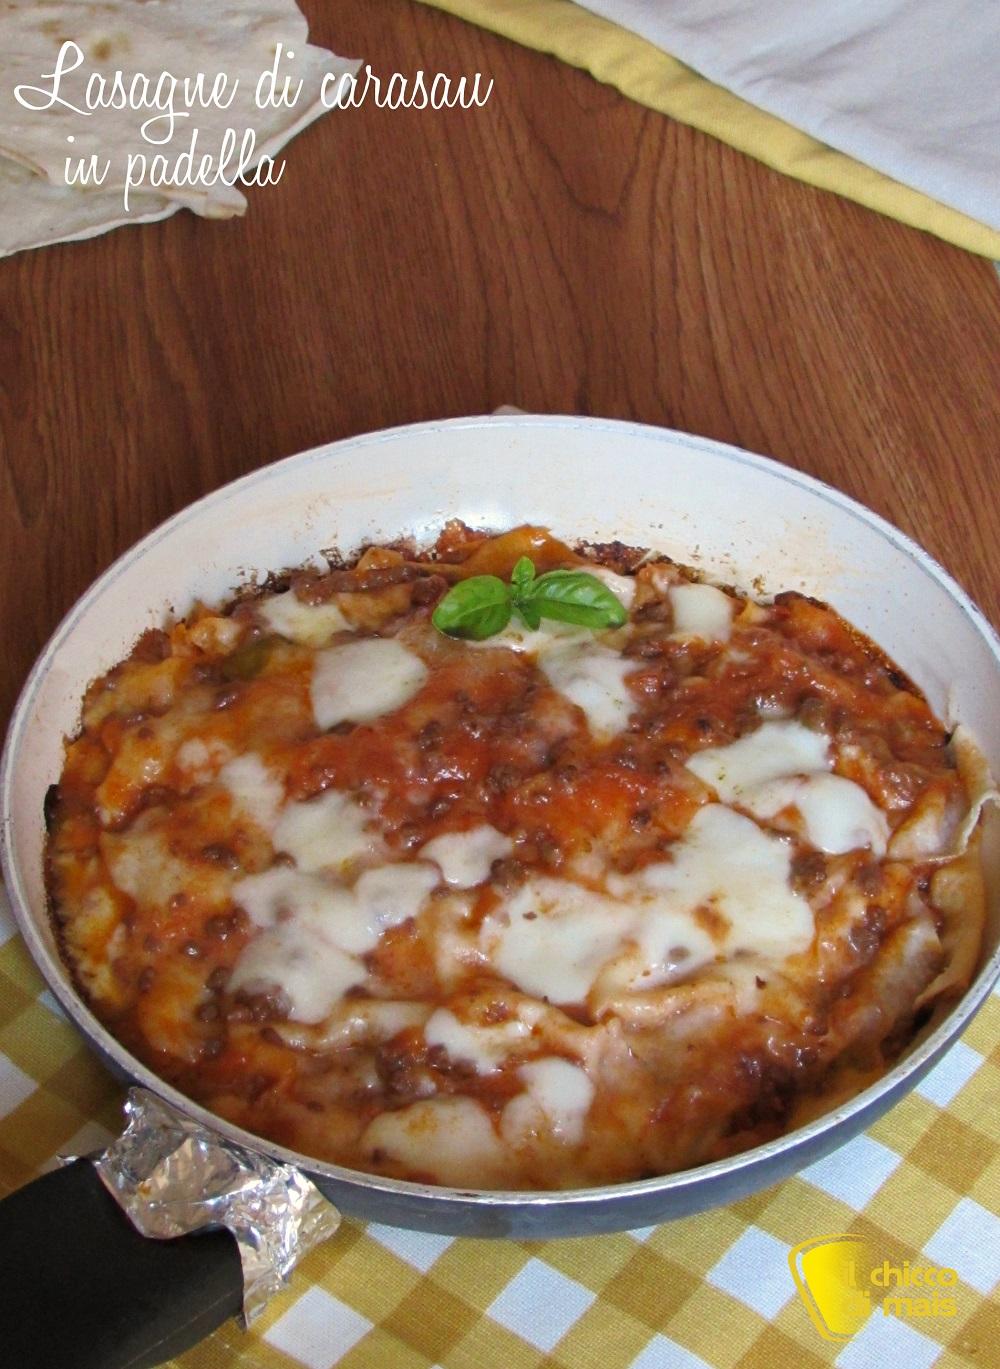 verticale_lasagne di carasau in padella ricetta veloce il chicco di mais